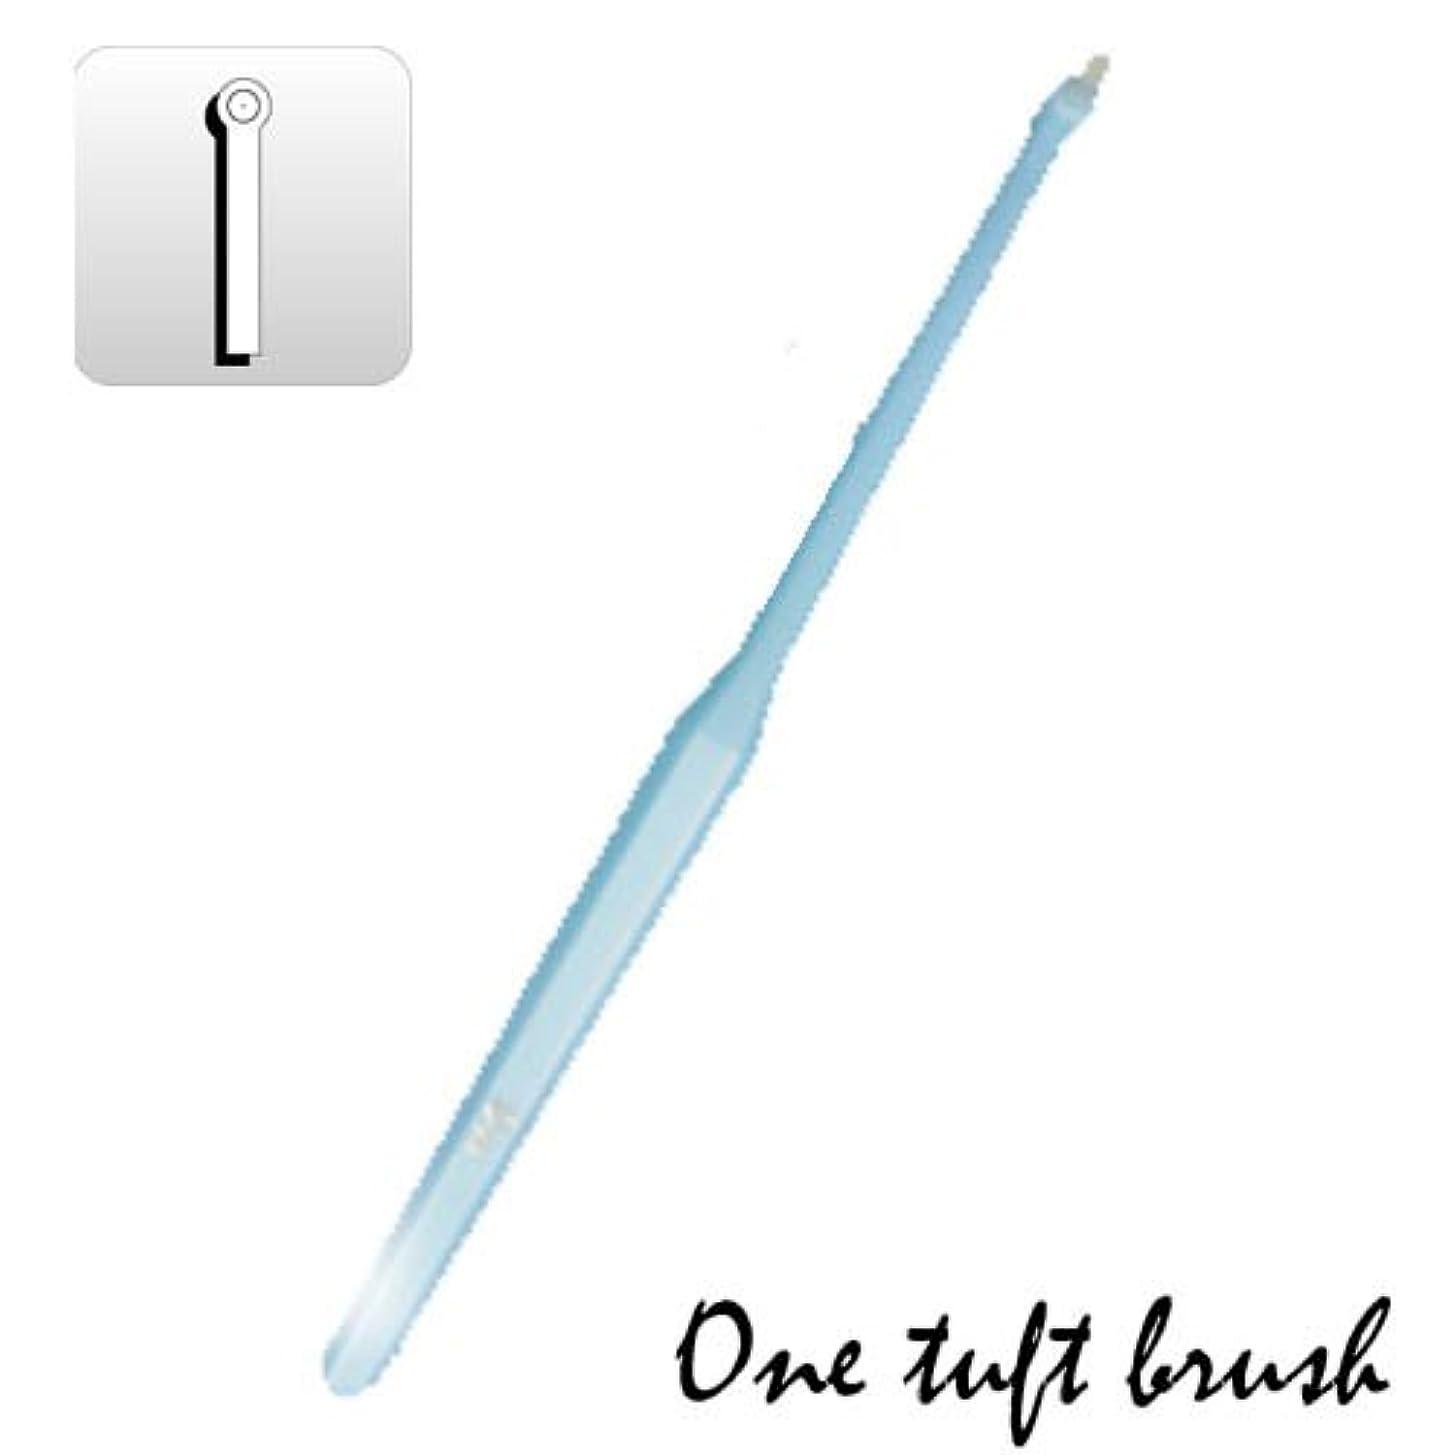 異形囲まれたやめる歯科用 みがきにくい部位までしっかり すっきり 【 One ワンタフト ブルー 2本セット】 歯ブラシ